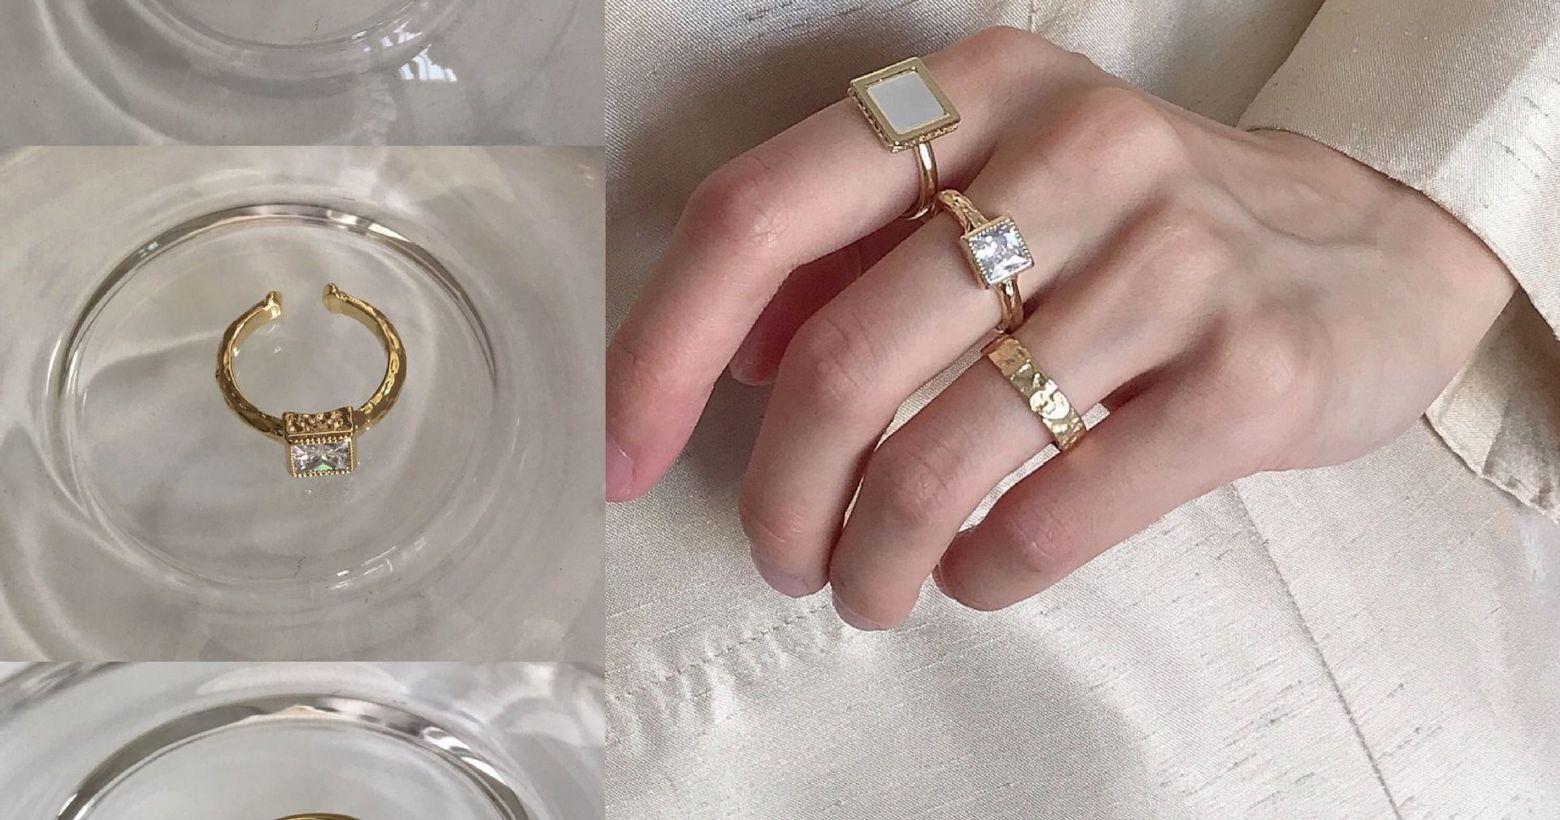 絕美小姐姐輕珠寶飾品!2021一定要有的飾品大家好久不見~~新年快樂🧨🧨🧨新春後的第一篇一定告